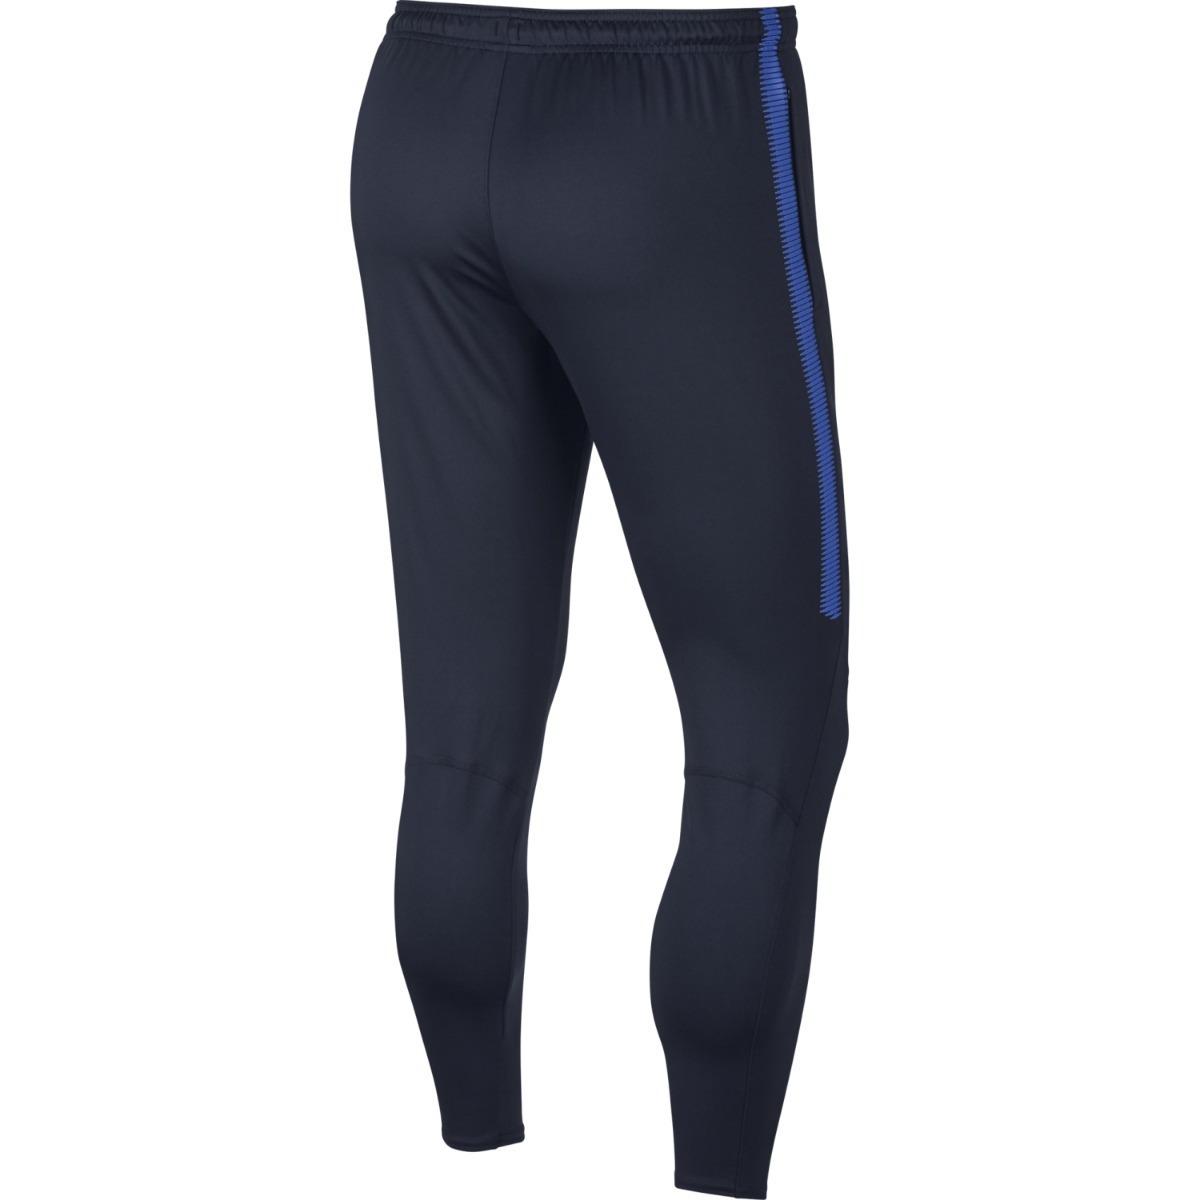 pantalon entrenamiento nike boca jrs 2018 originales! Cargando zoom. dc3bb11ba9abb